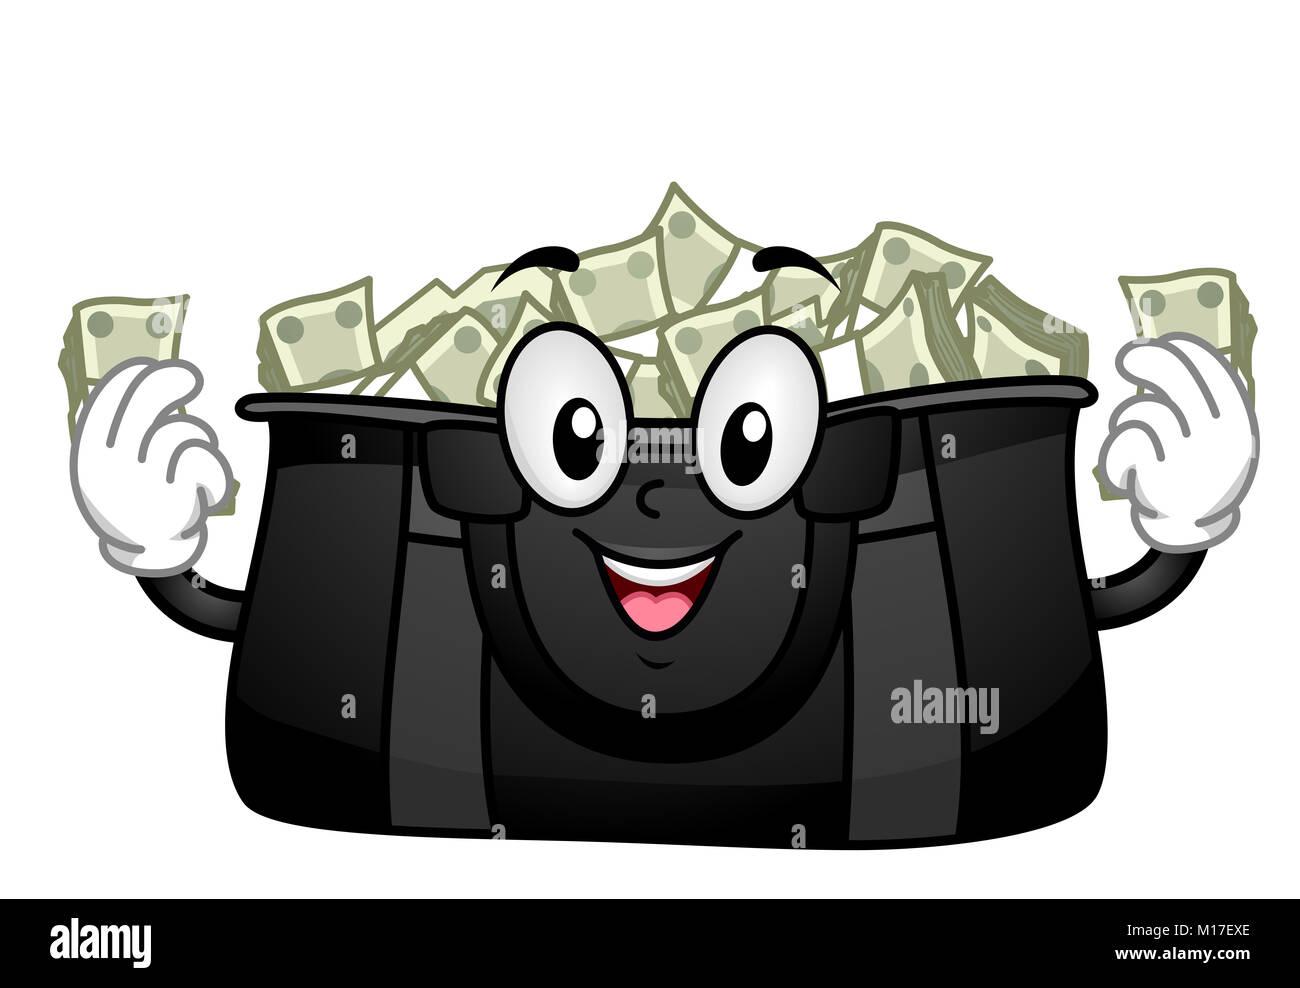 Ilustración de una mascota bolsón lleno de dinero Imagen De Stock